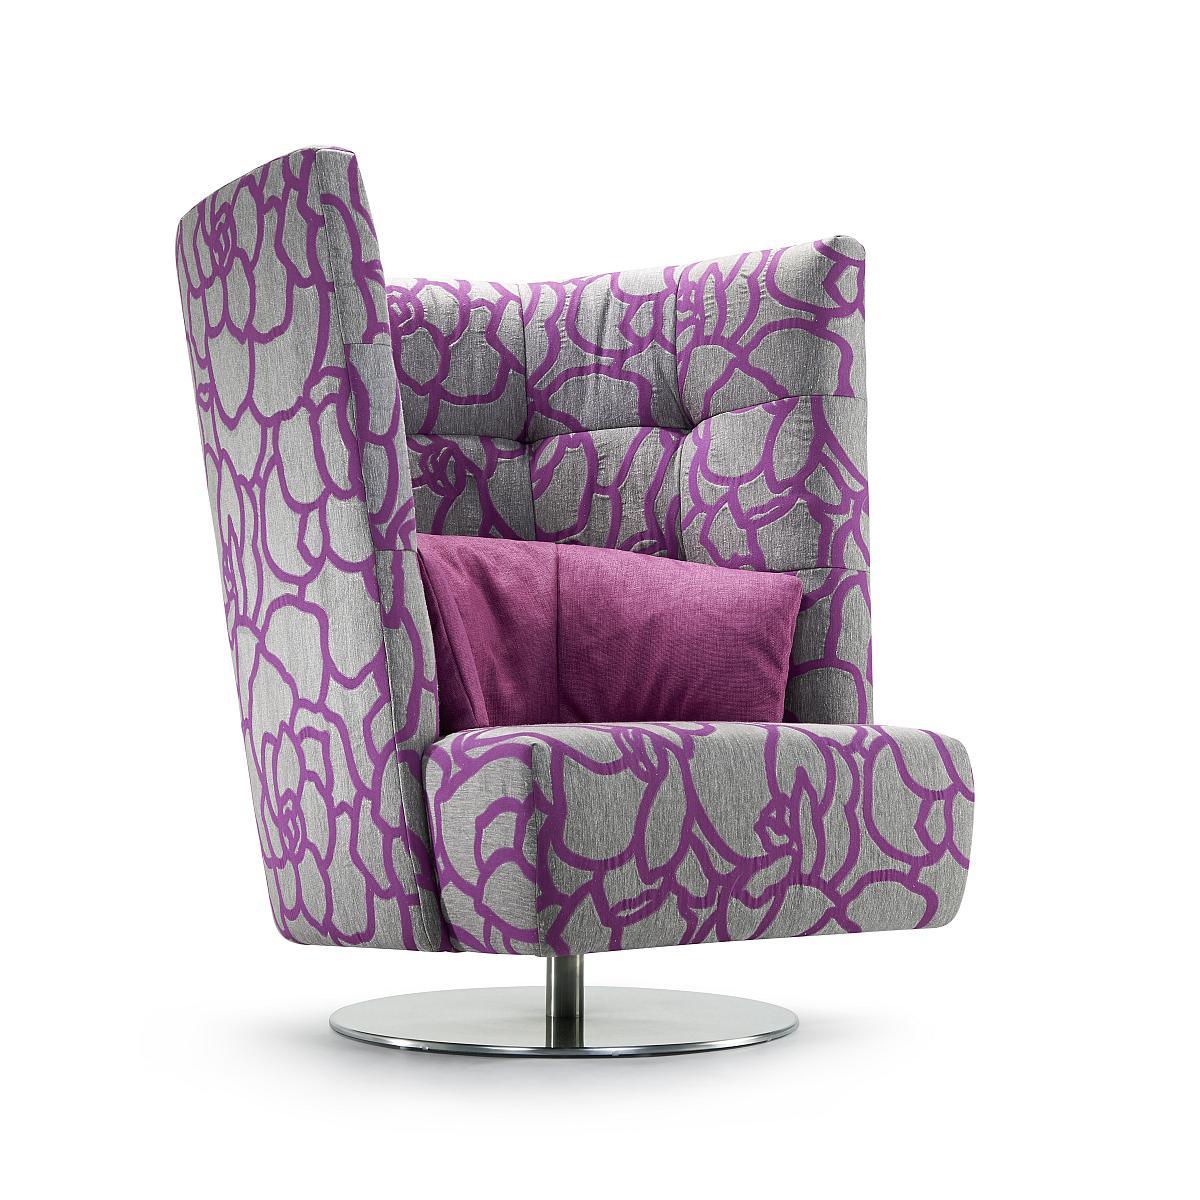 MATHEO Sessel hoch in HIPO violett, mit Drehfunktion